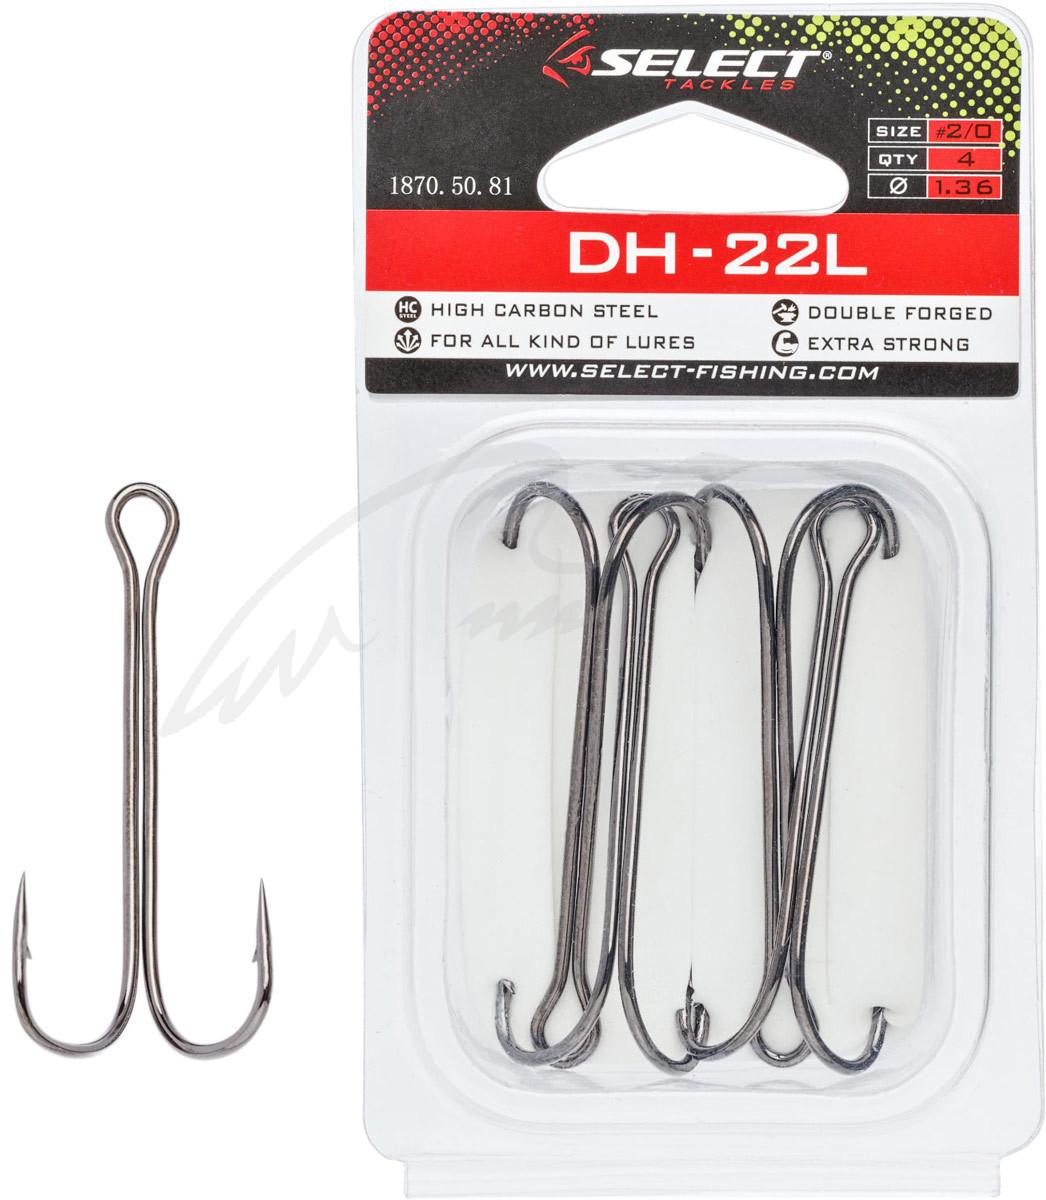 Двійник Select DH-22L #1/0 (4 шт/уп)